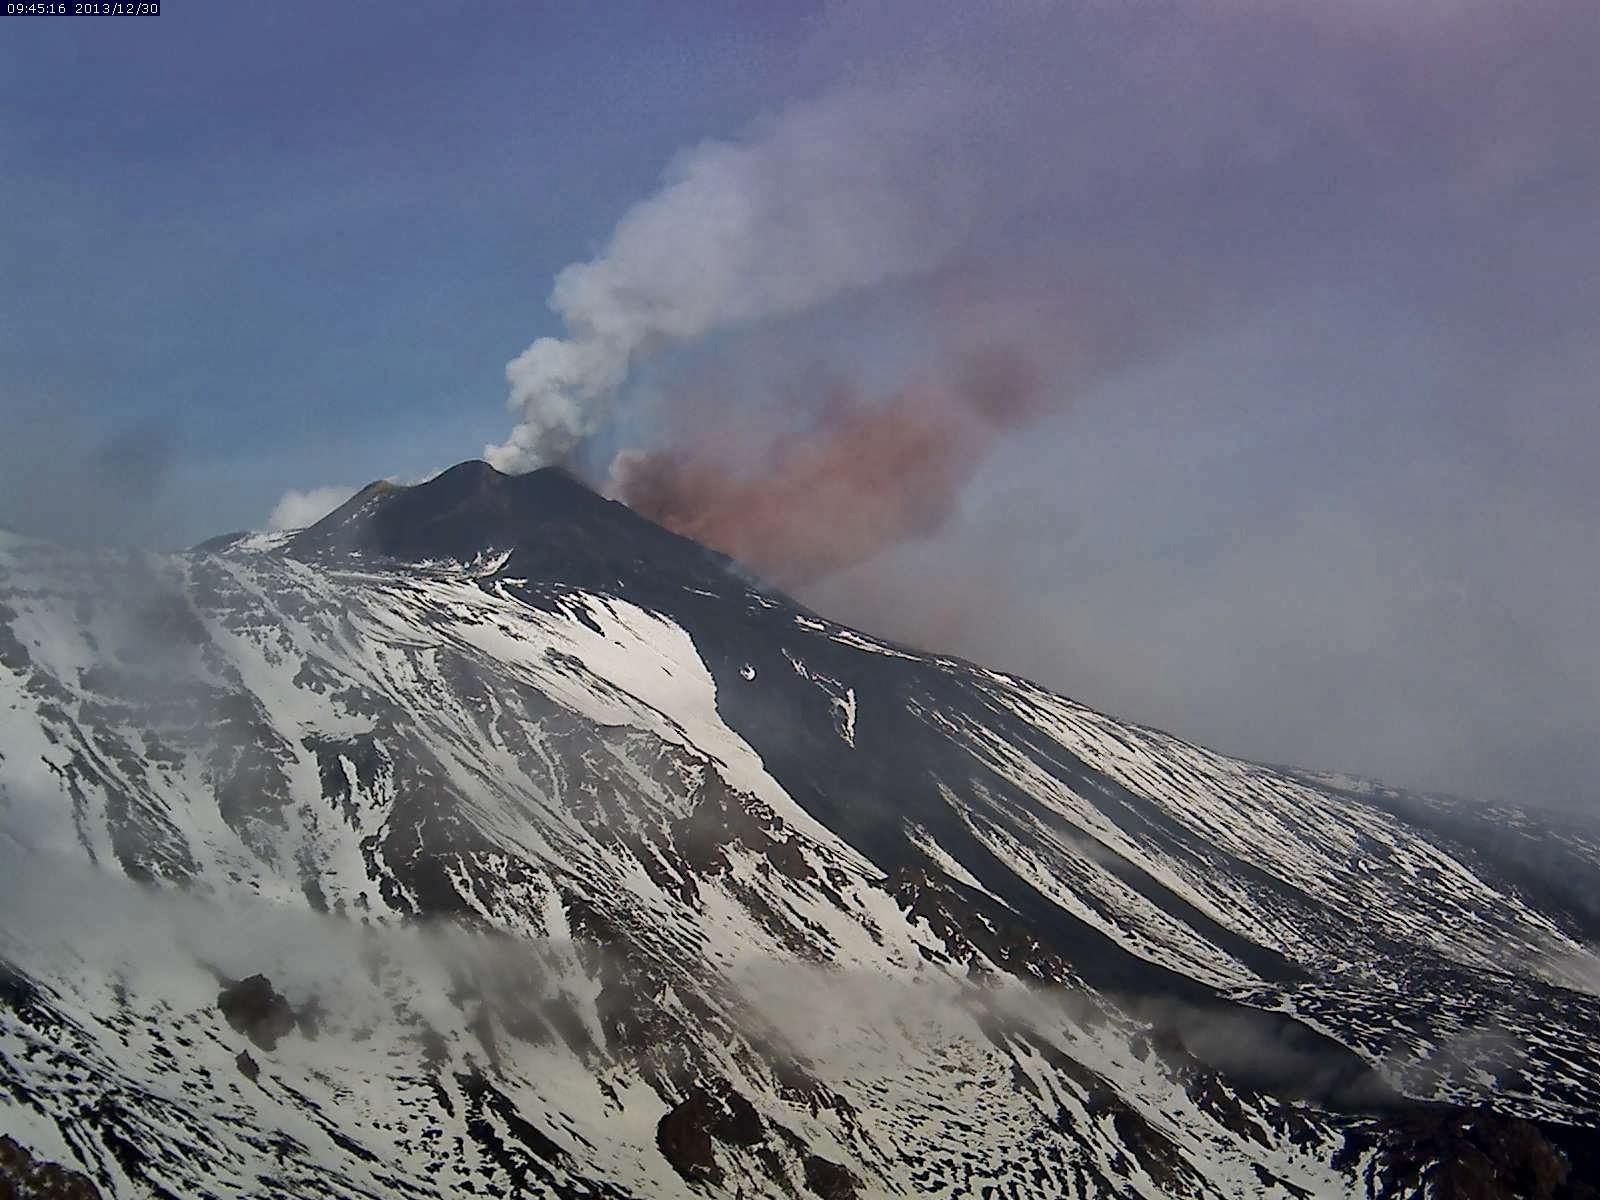 Les deux panaches du volcan Etna, 30 decembre 2013